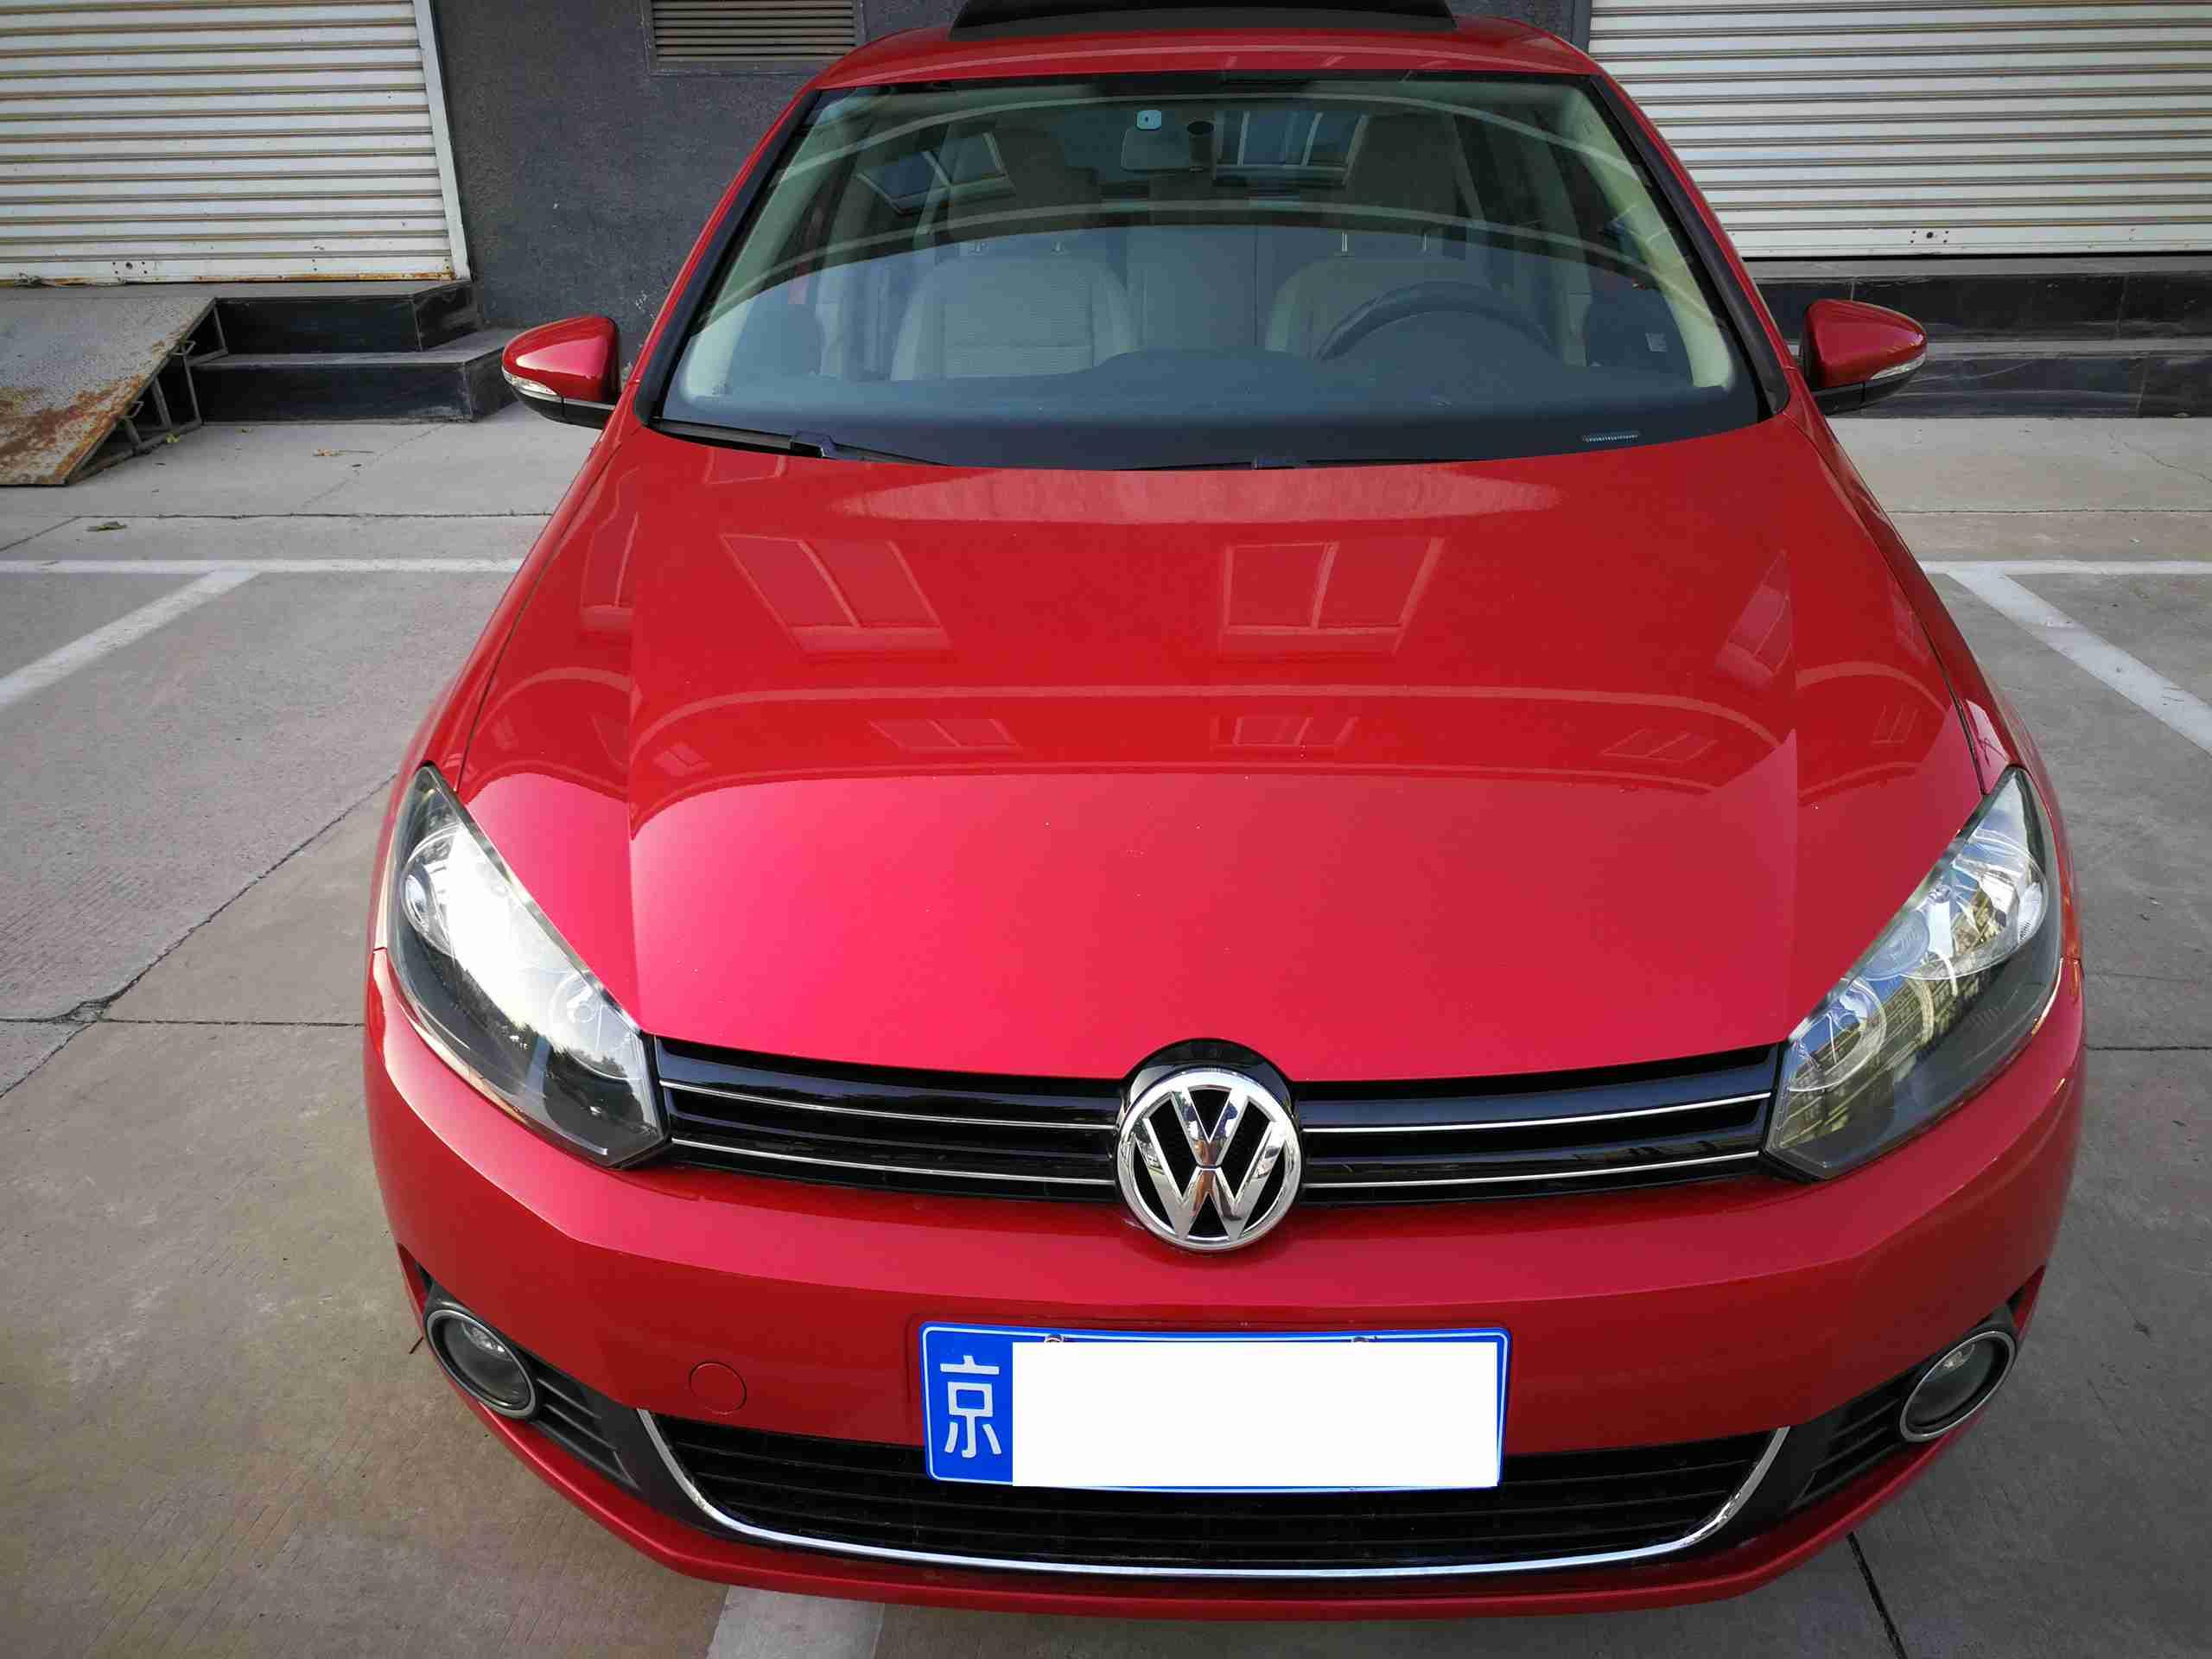 【北京】2010年1.4T自动高尔夫 价格6.38万 二手车